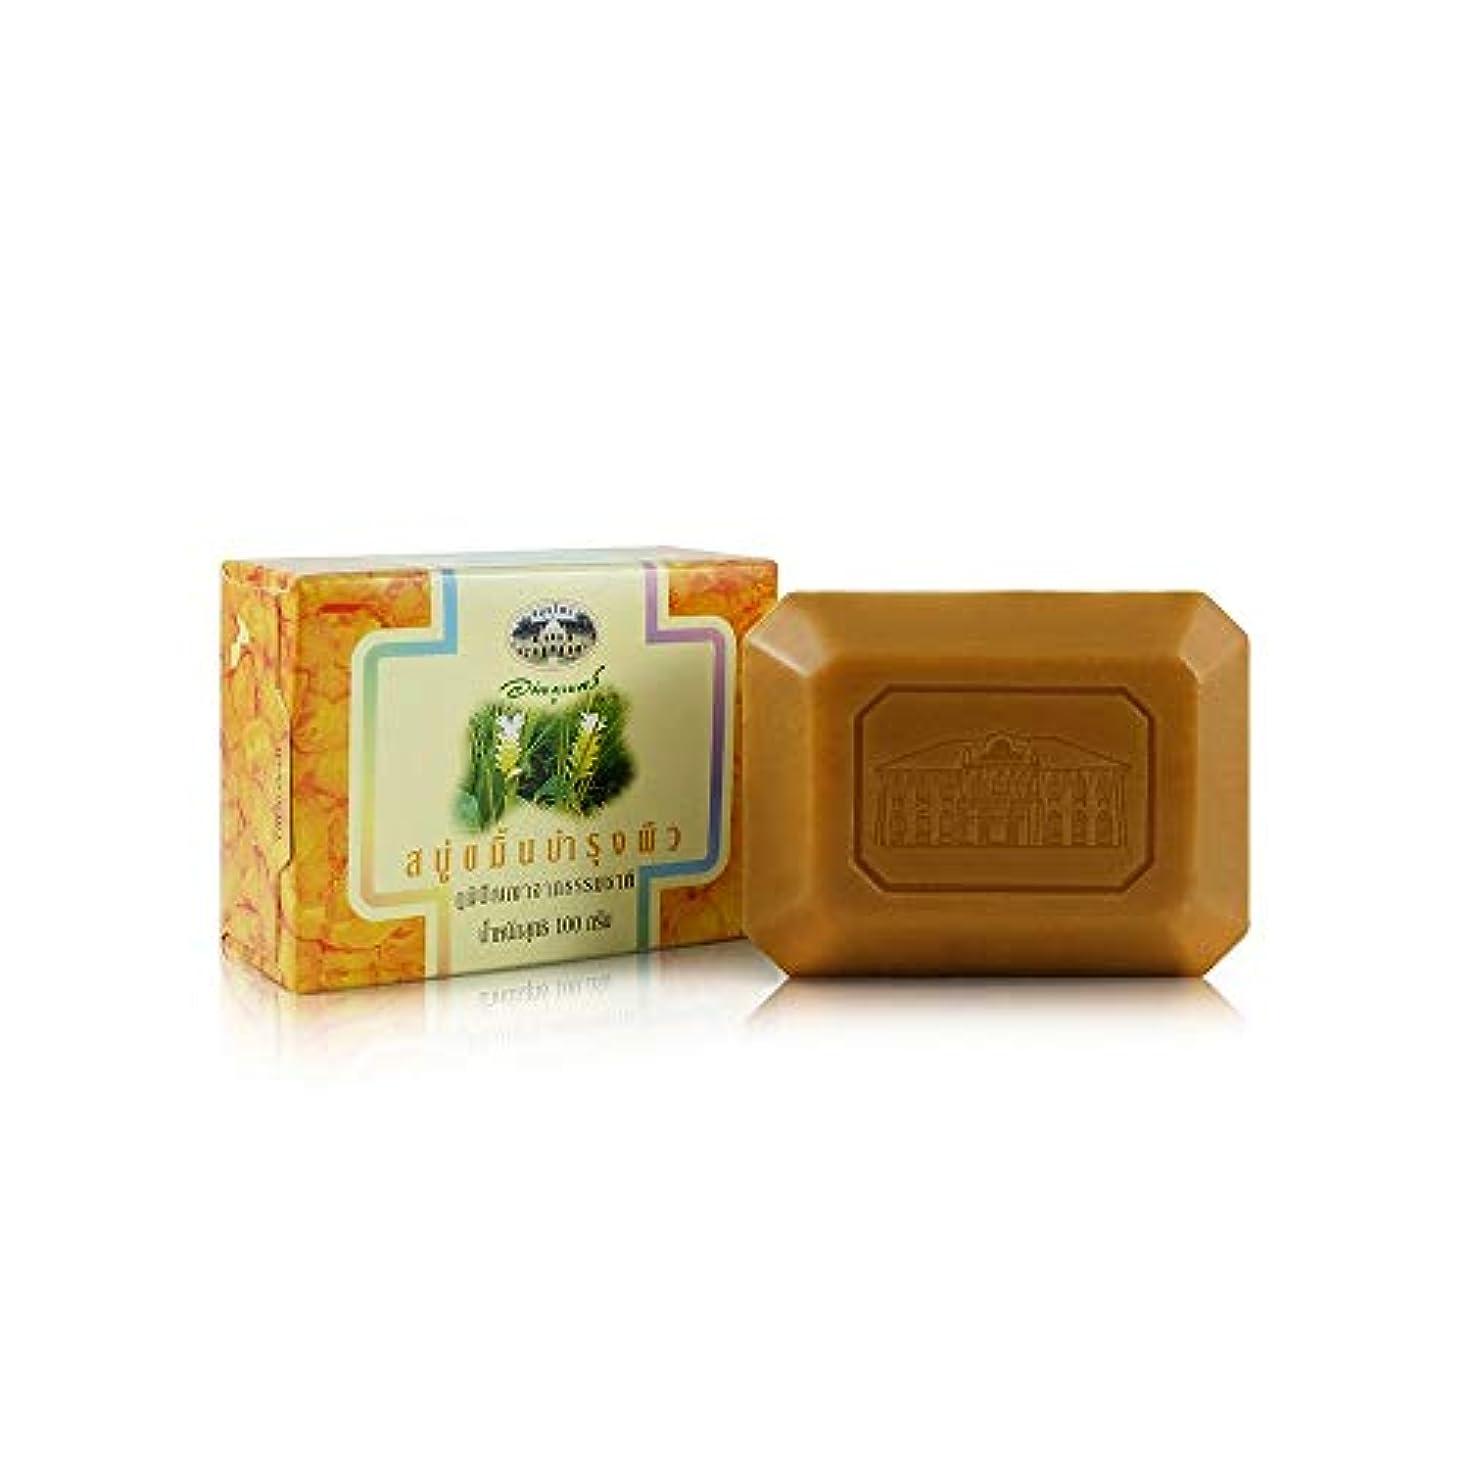 大胆なディスカウント意識Abhaibhubejhr Turmeric Herbal Body Cleansing Soap 100g. Abhaibhubejhrターメリックハーブボディクレンジングソープ100グラム。